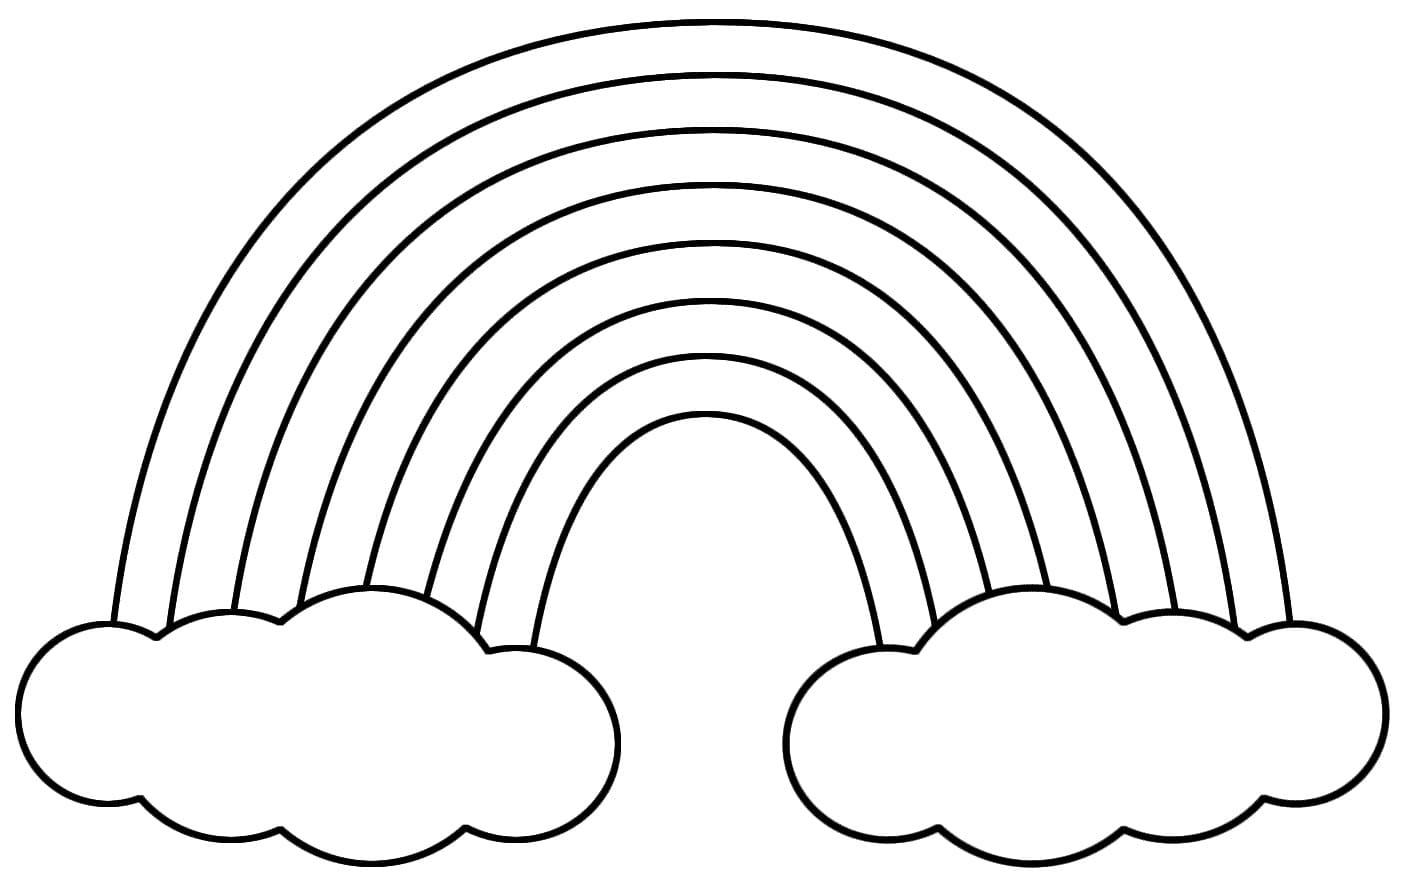 Ausmalbilder Regenbogen . Drucken Sie Kostenlos Auf Der Website innen Ausmalbilder Regenbogen